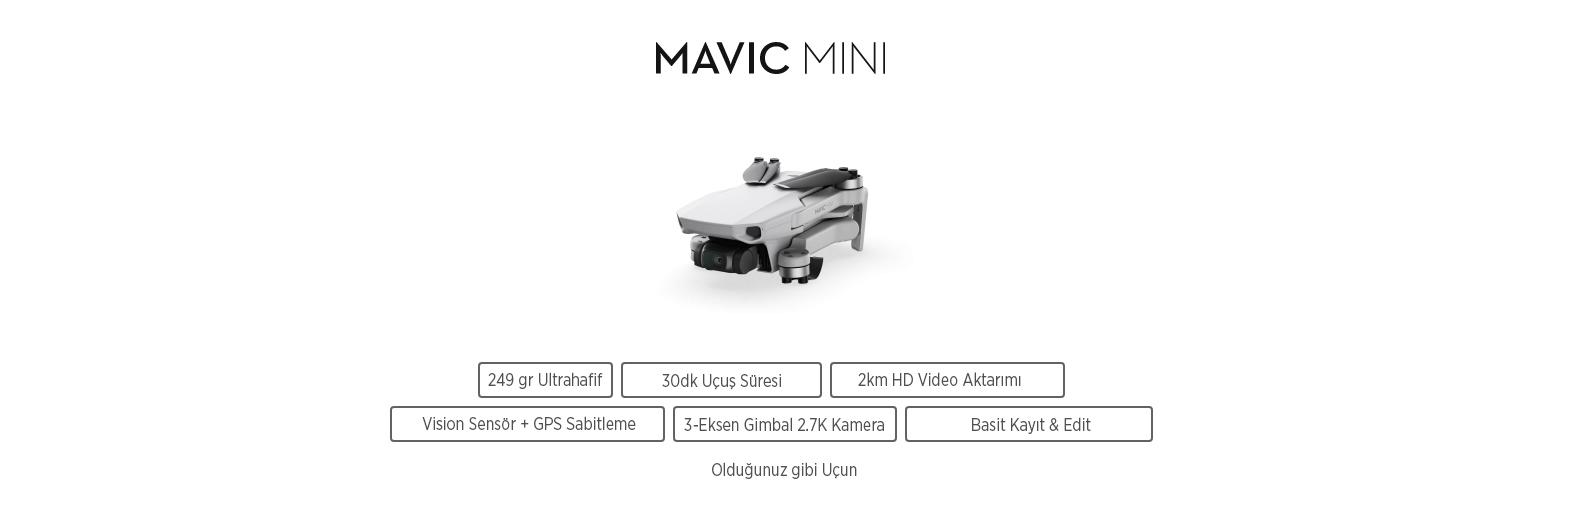 Mavic Mini Combo Let creativity fly